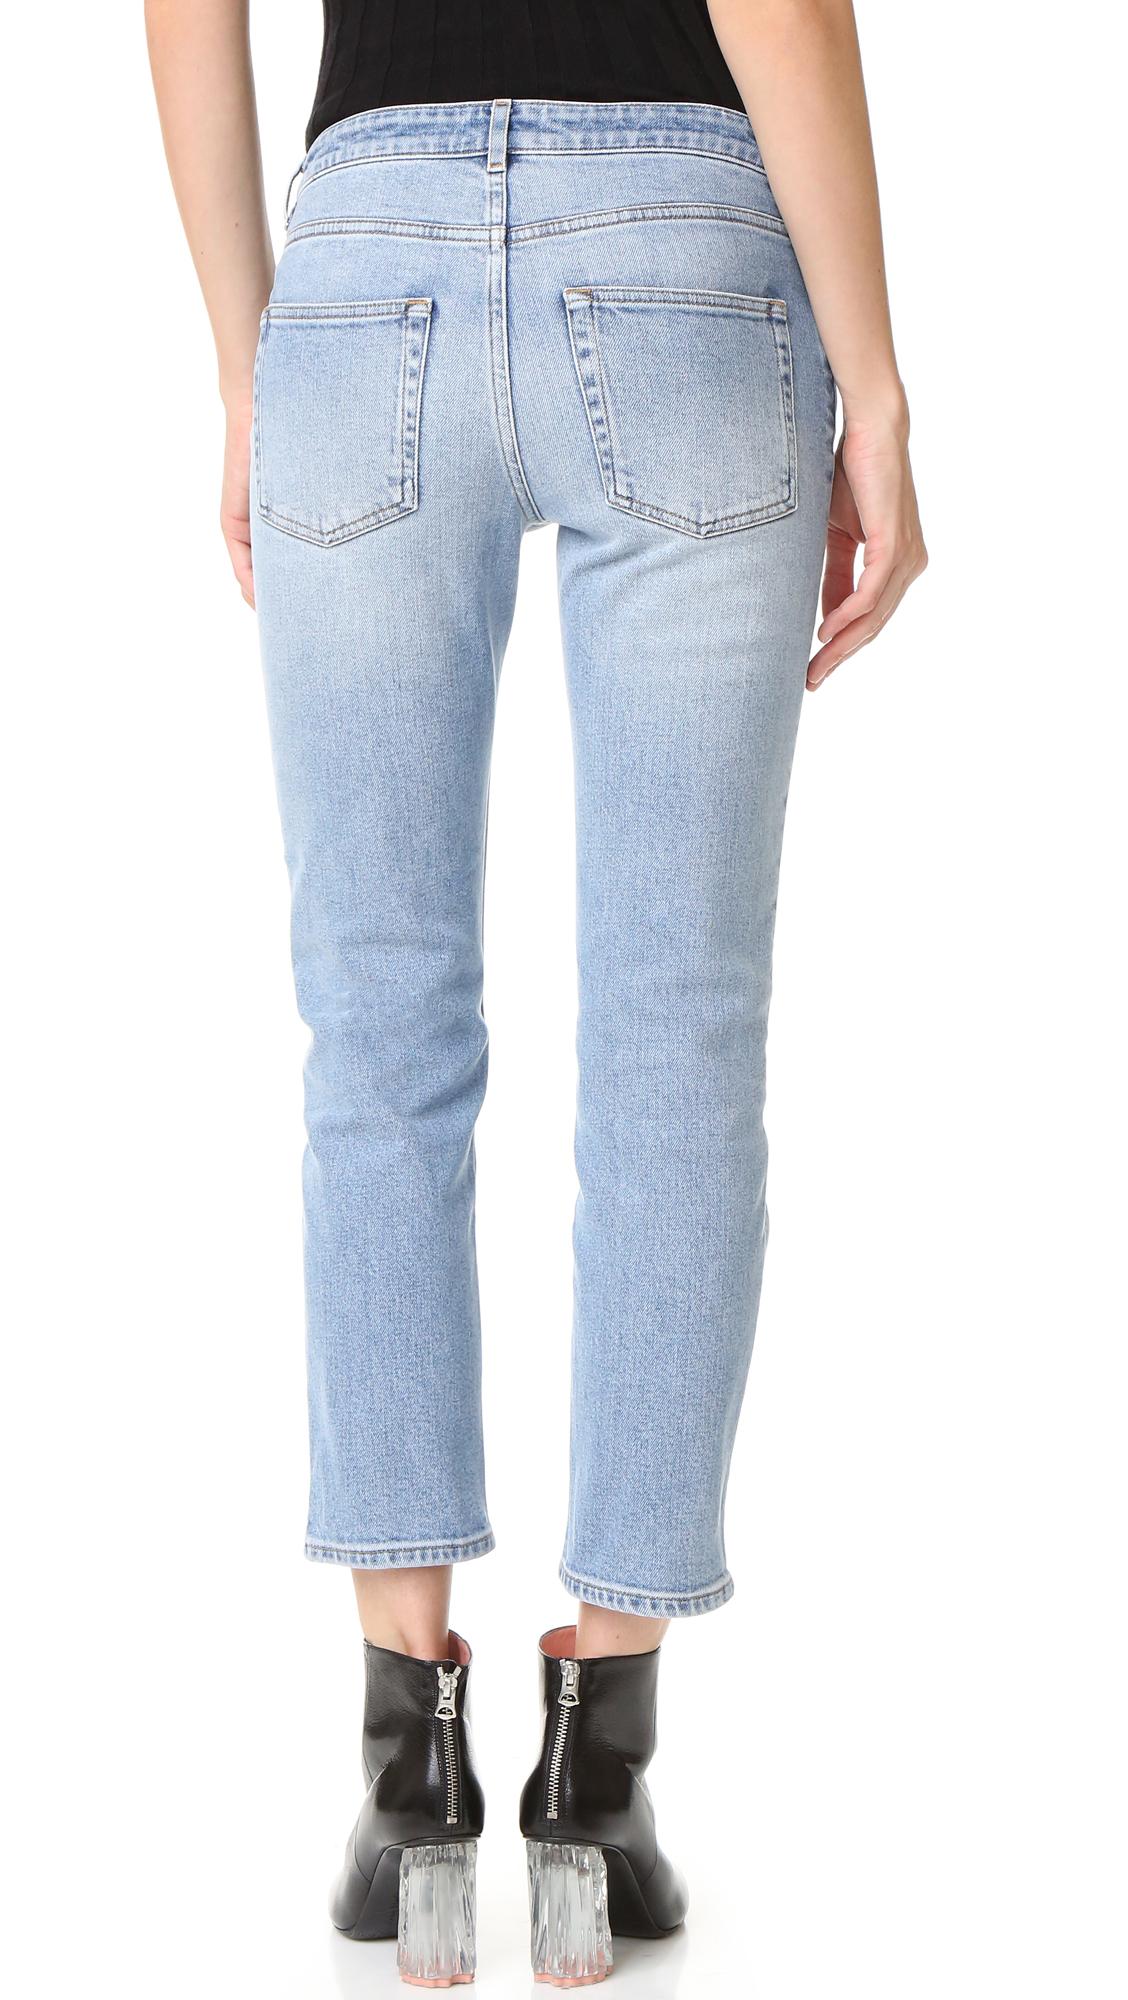 acne row jeans